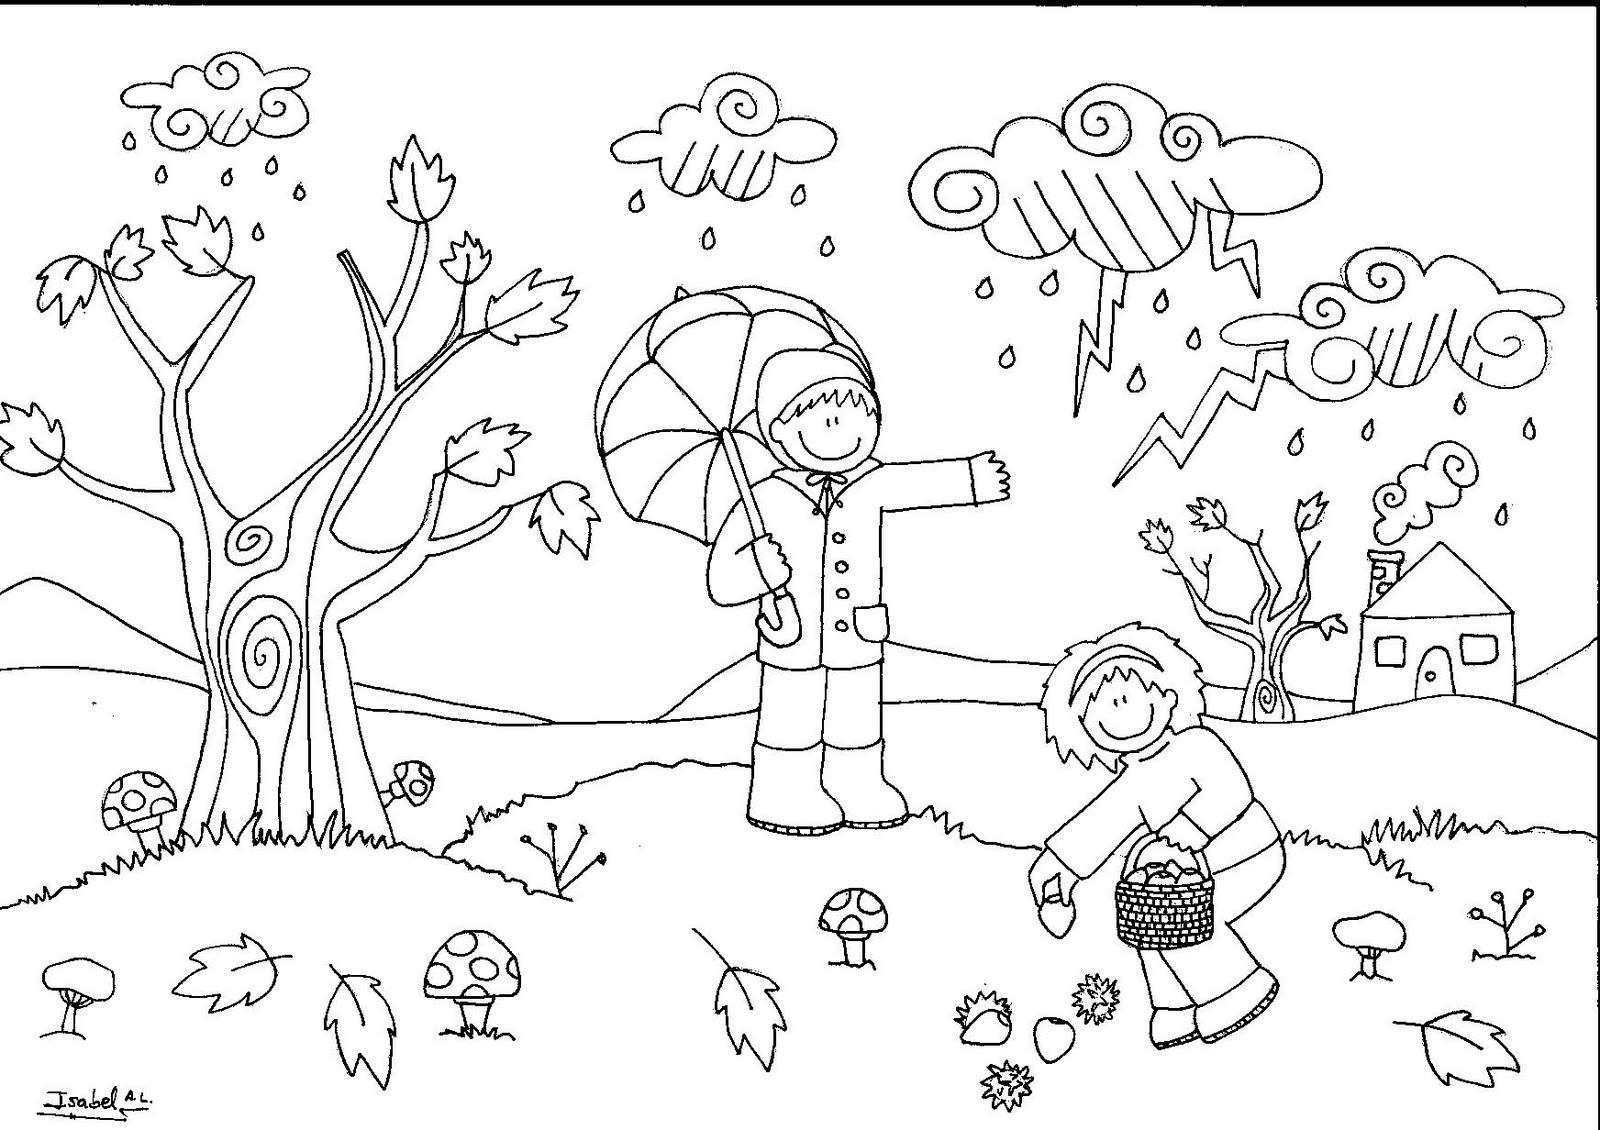 Hoja De Otono Para Colorear Para Dibujo Hoja De Otono Para: Otoño, Dibujos Para Pintar De La Estación Que Caen Las